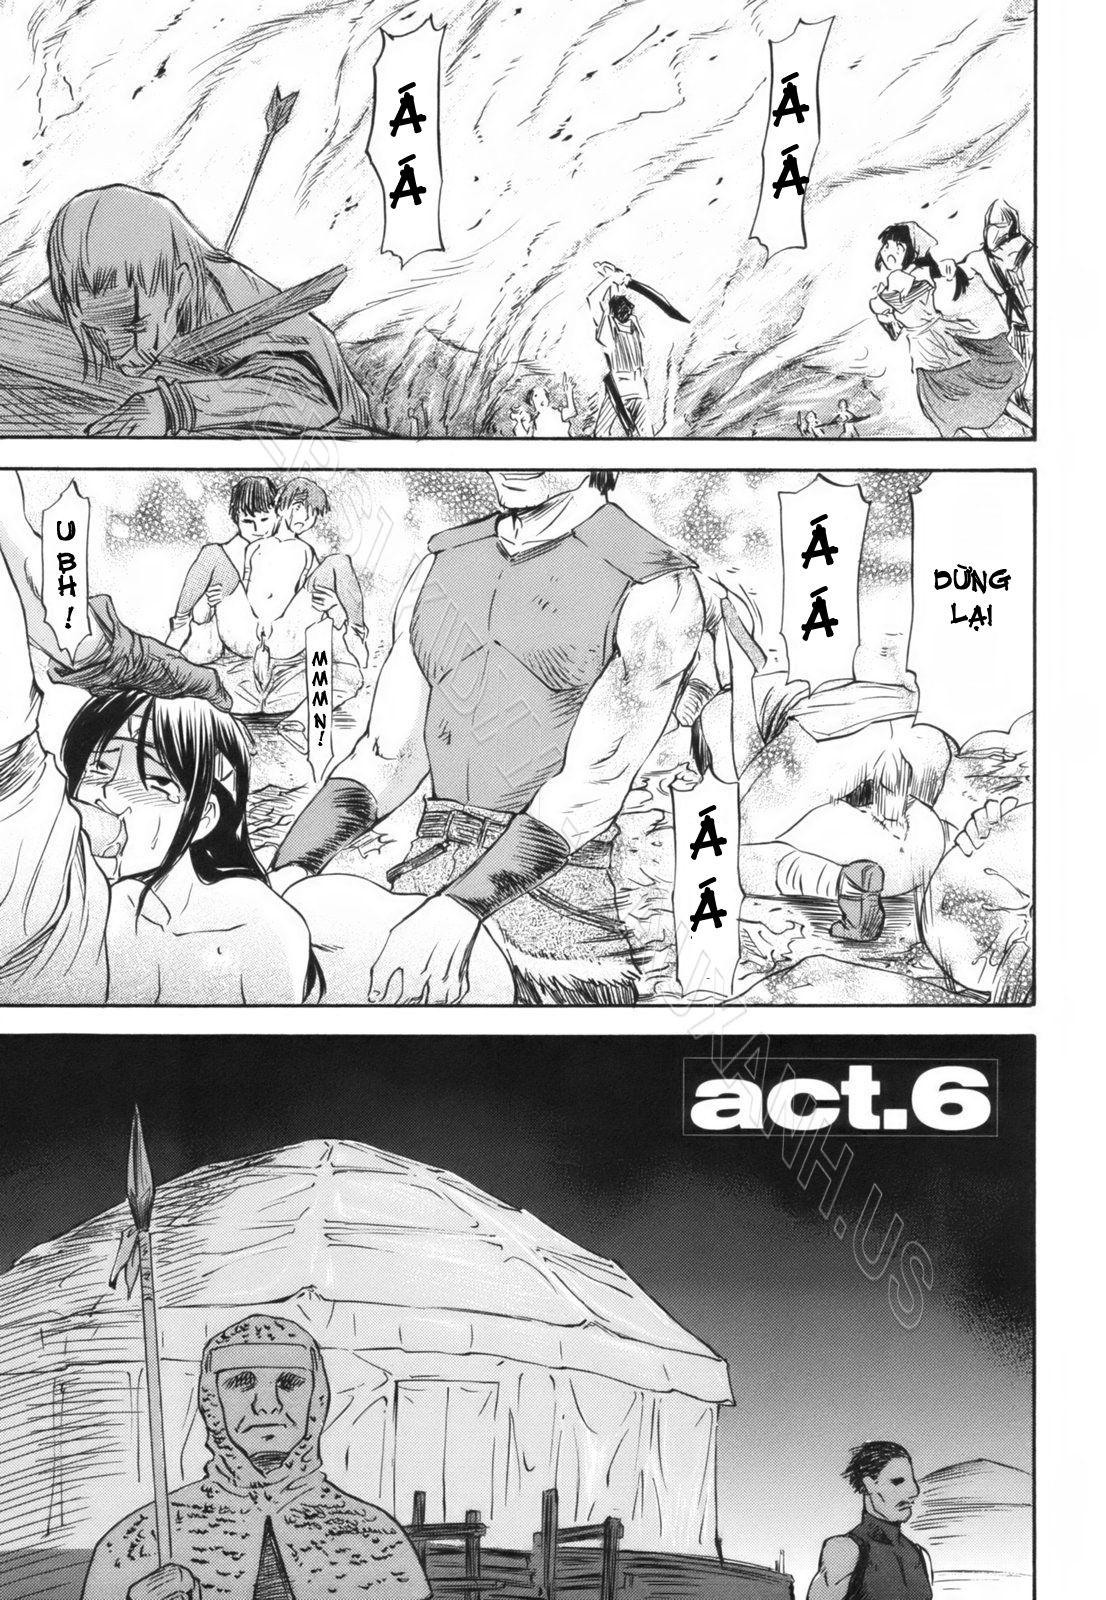 Hình ảnh Hinh_000 trong bài viết Truyện tranh hentai không che: Parabellum